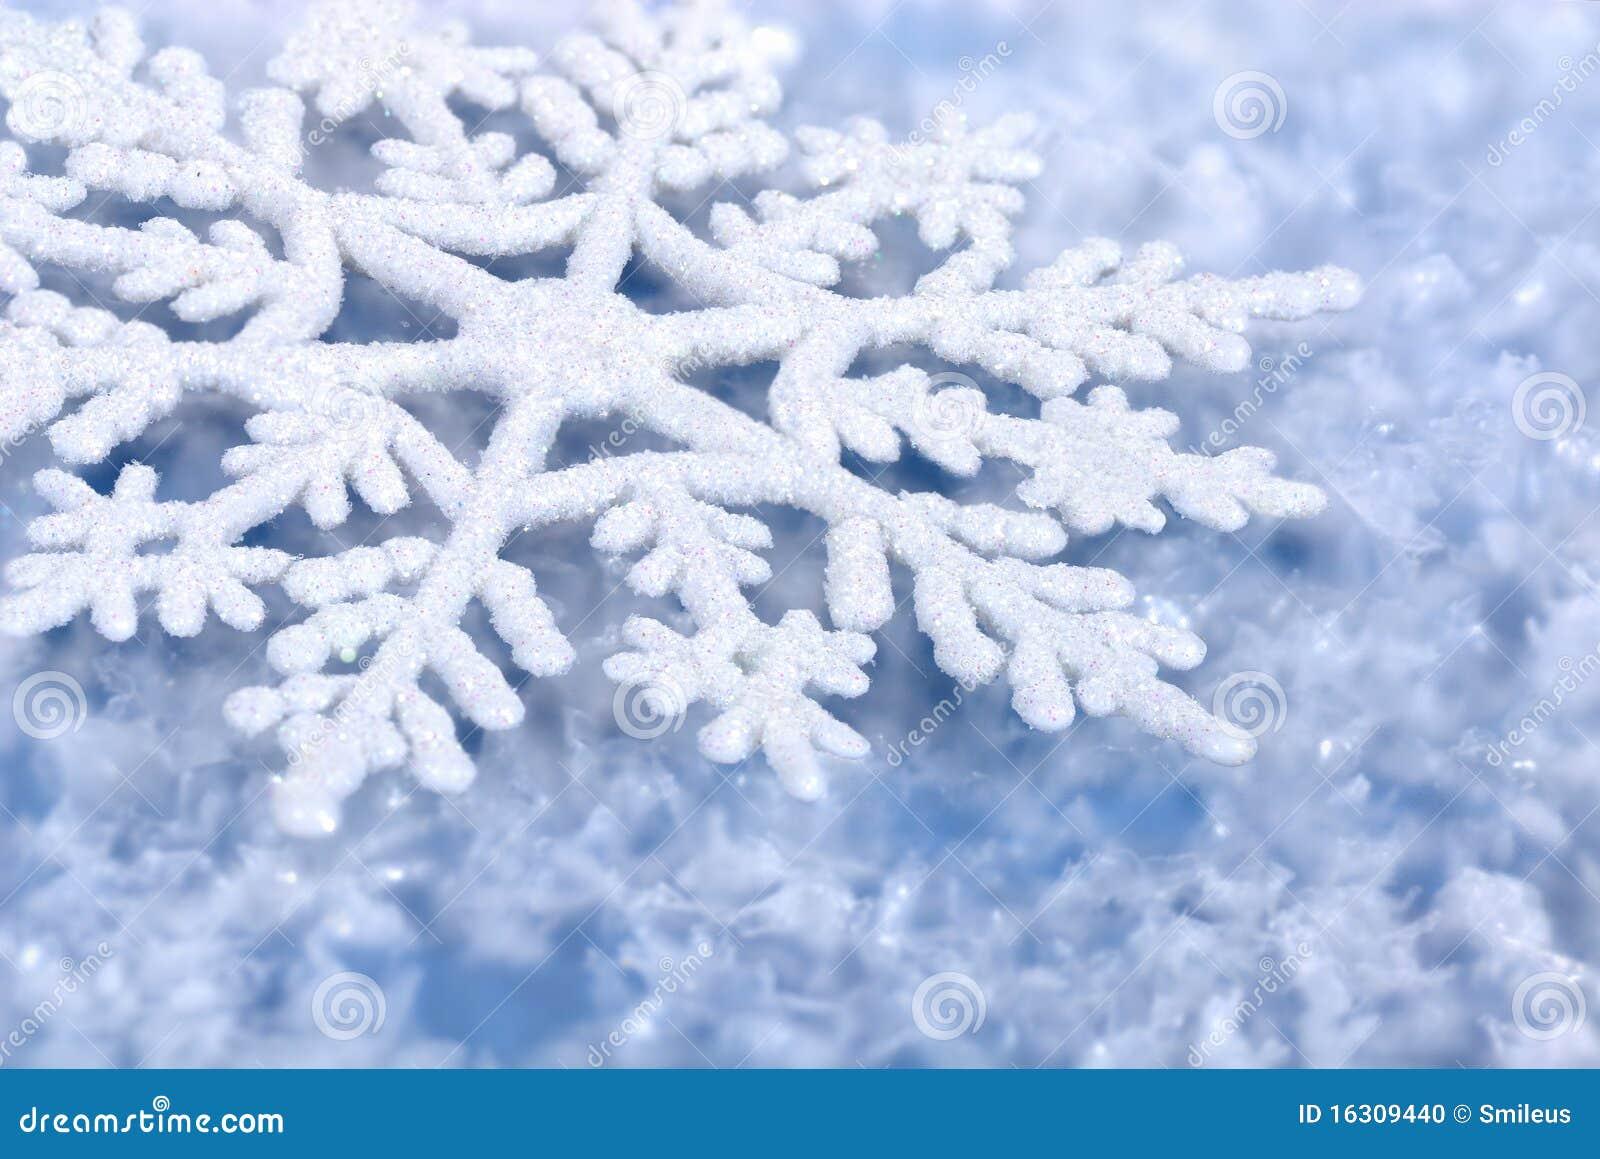 Blue Winter Background Stock Photo Image 16309440